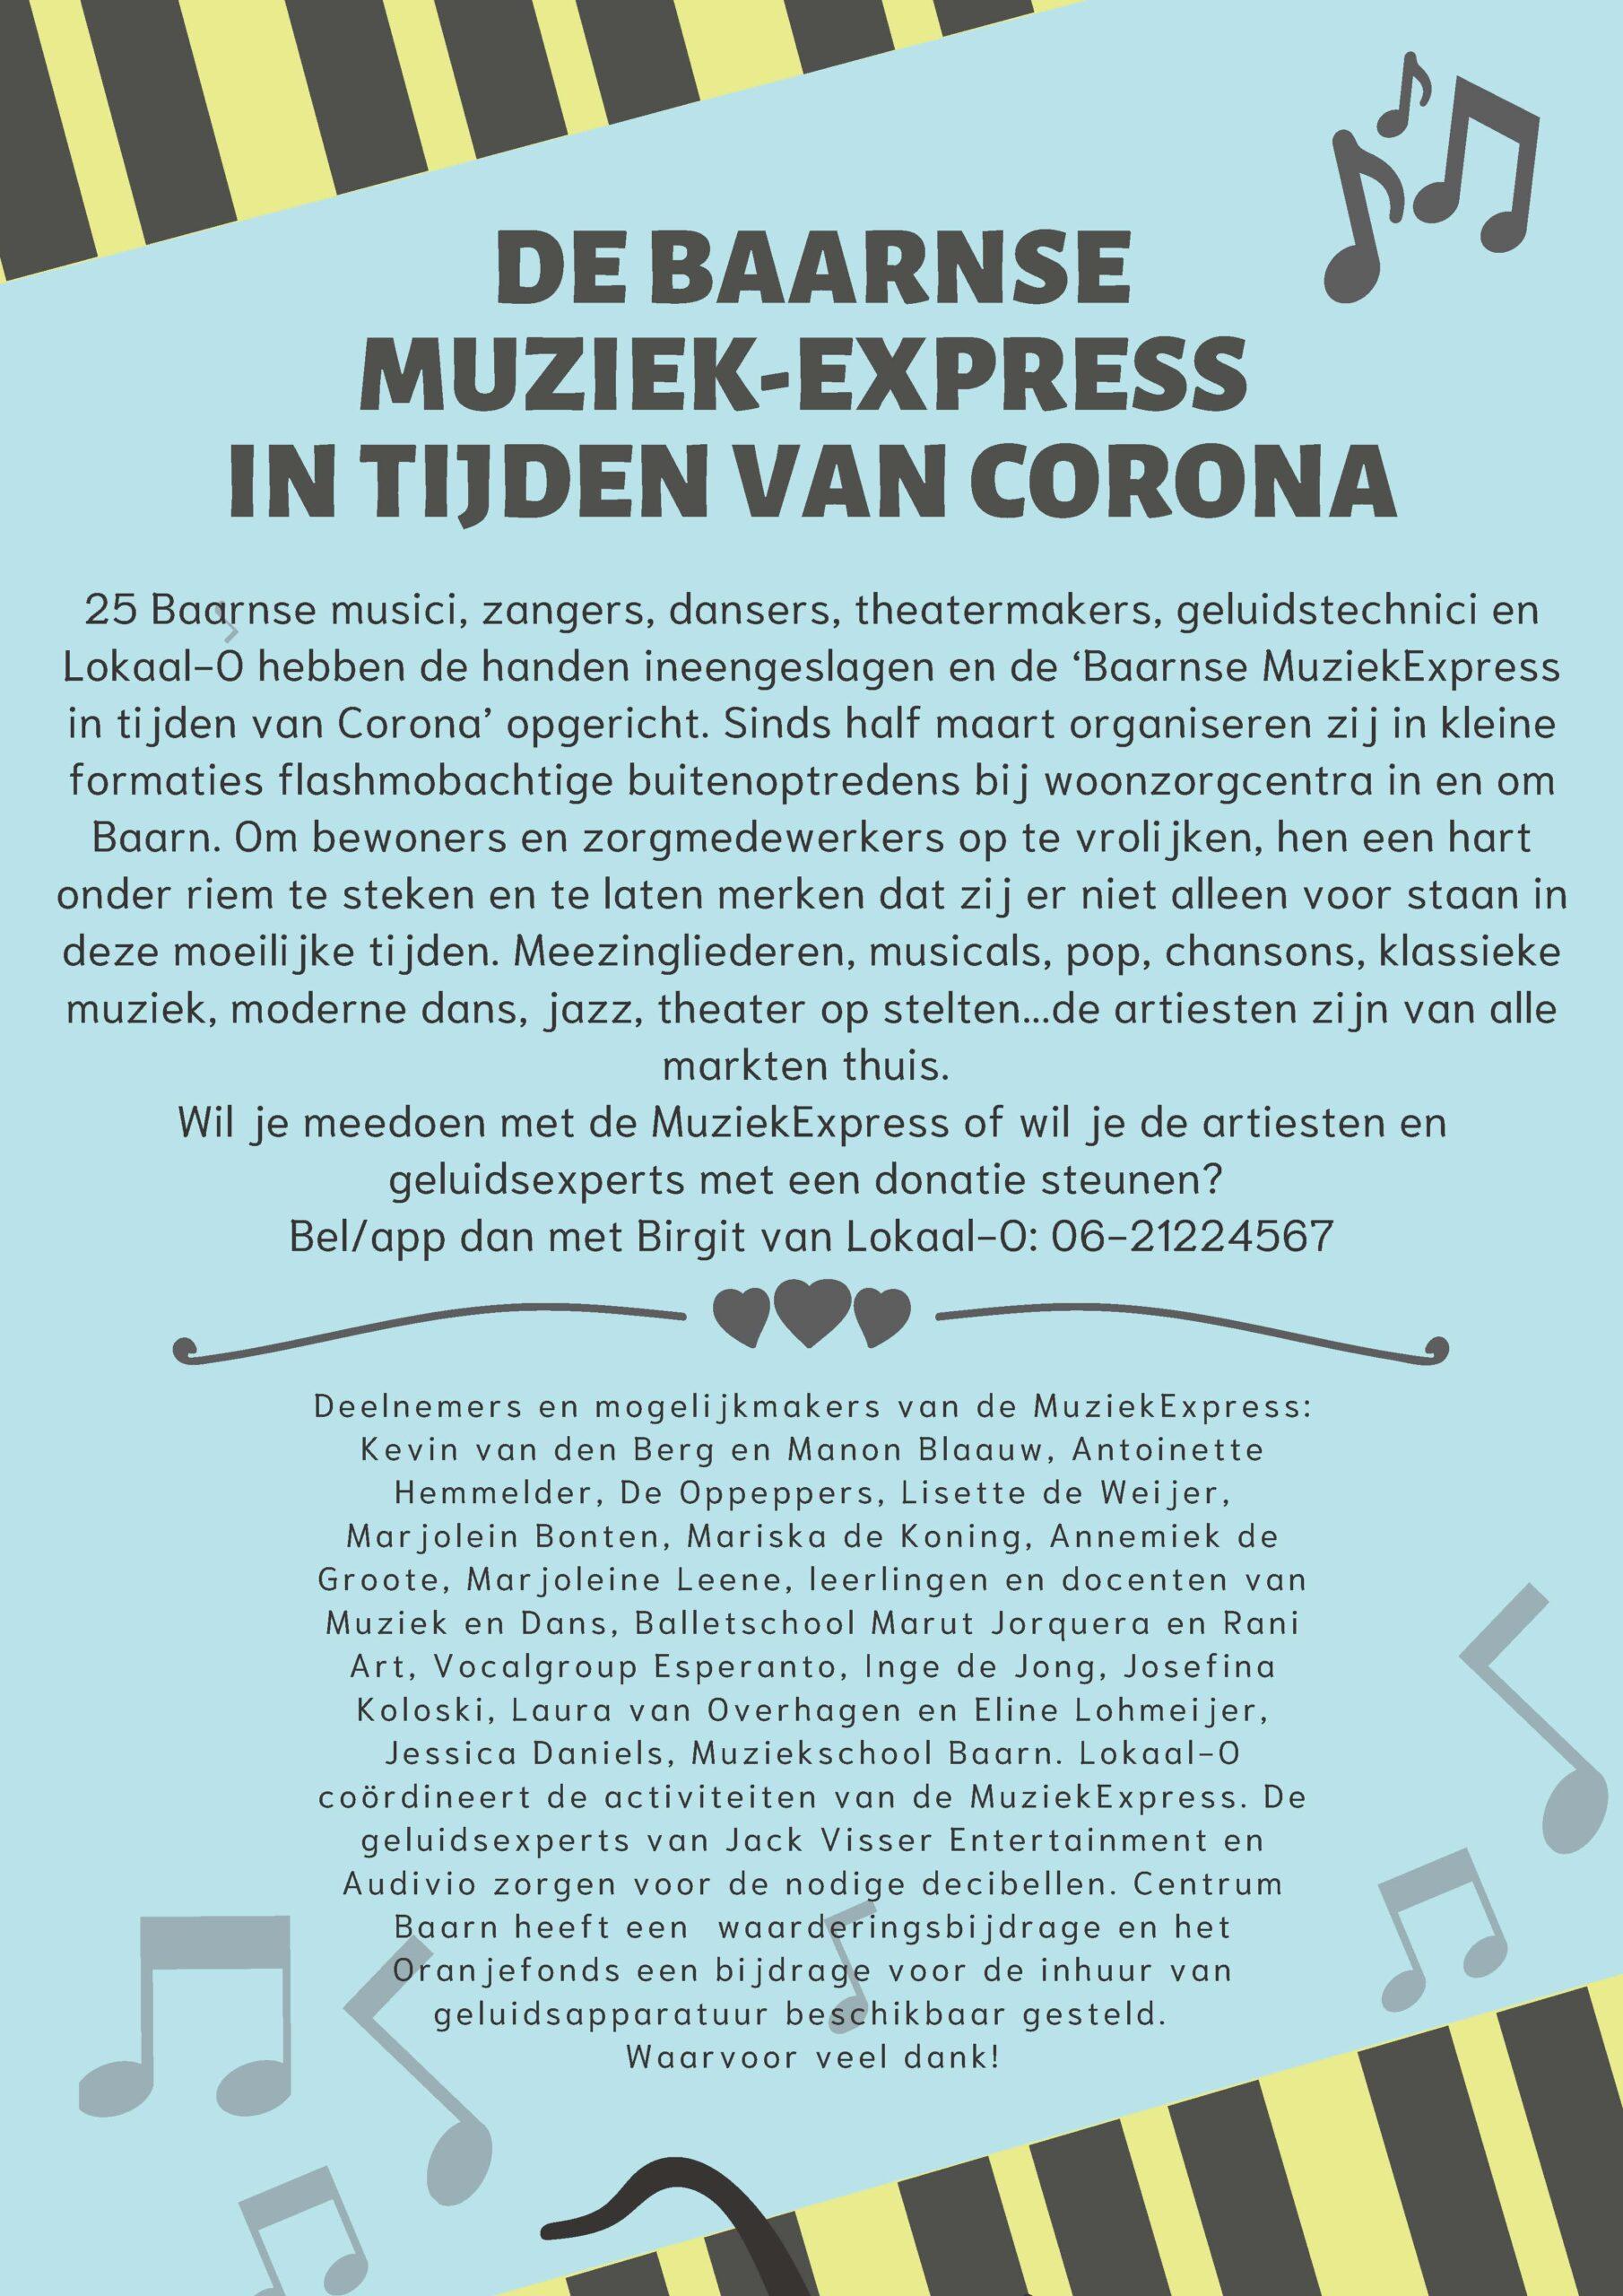 MuziekExpress in tijden van corona